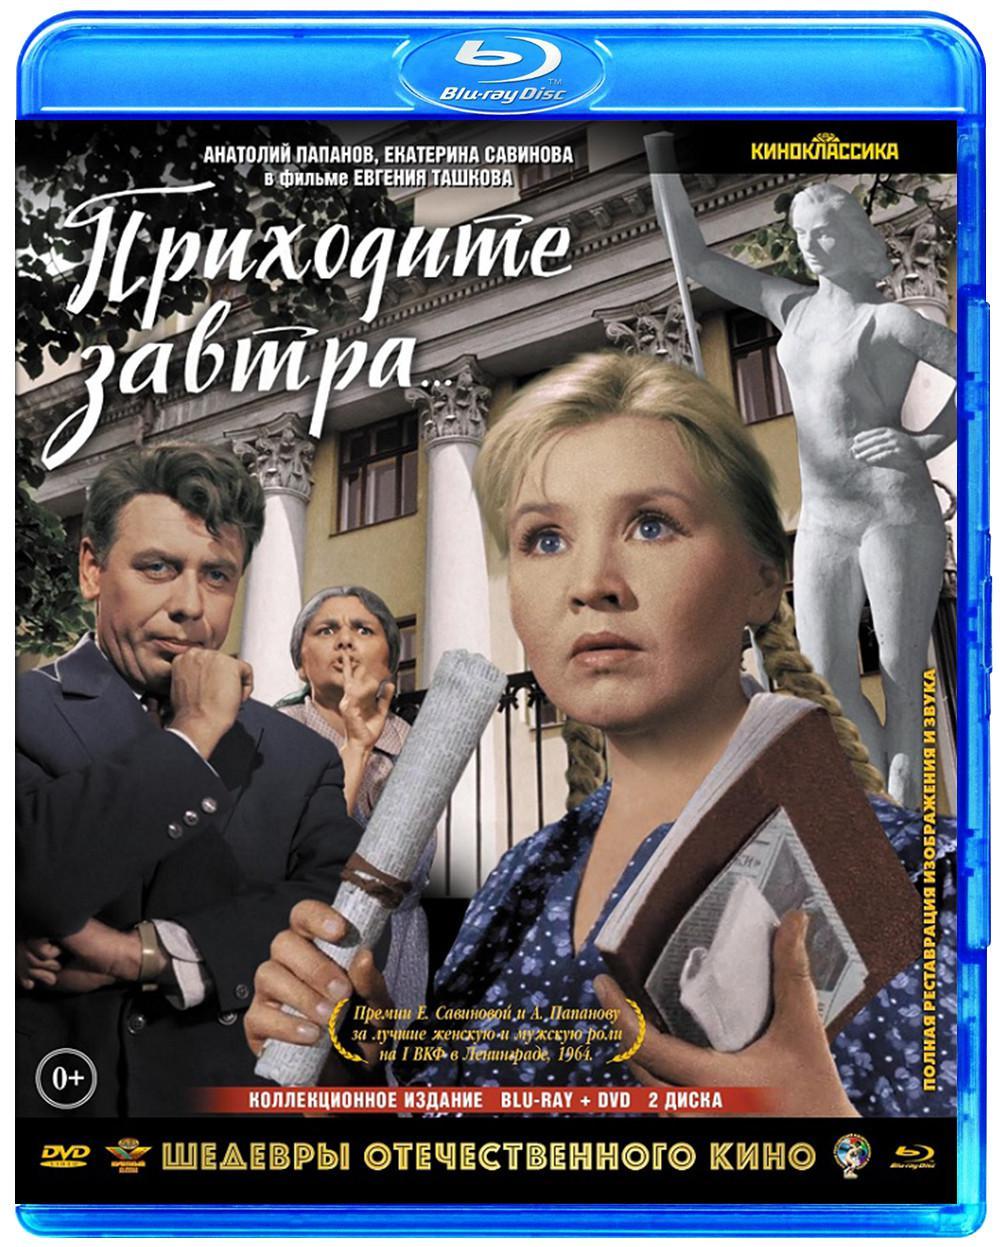 Blu-ray. Приходите завтра (цветная версия). Коллекционное издание (+ DVD)